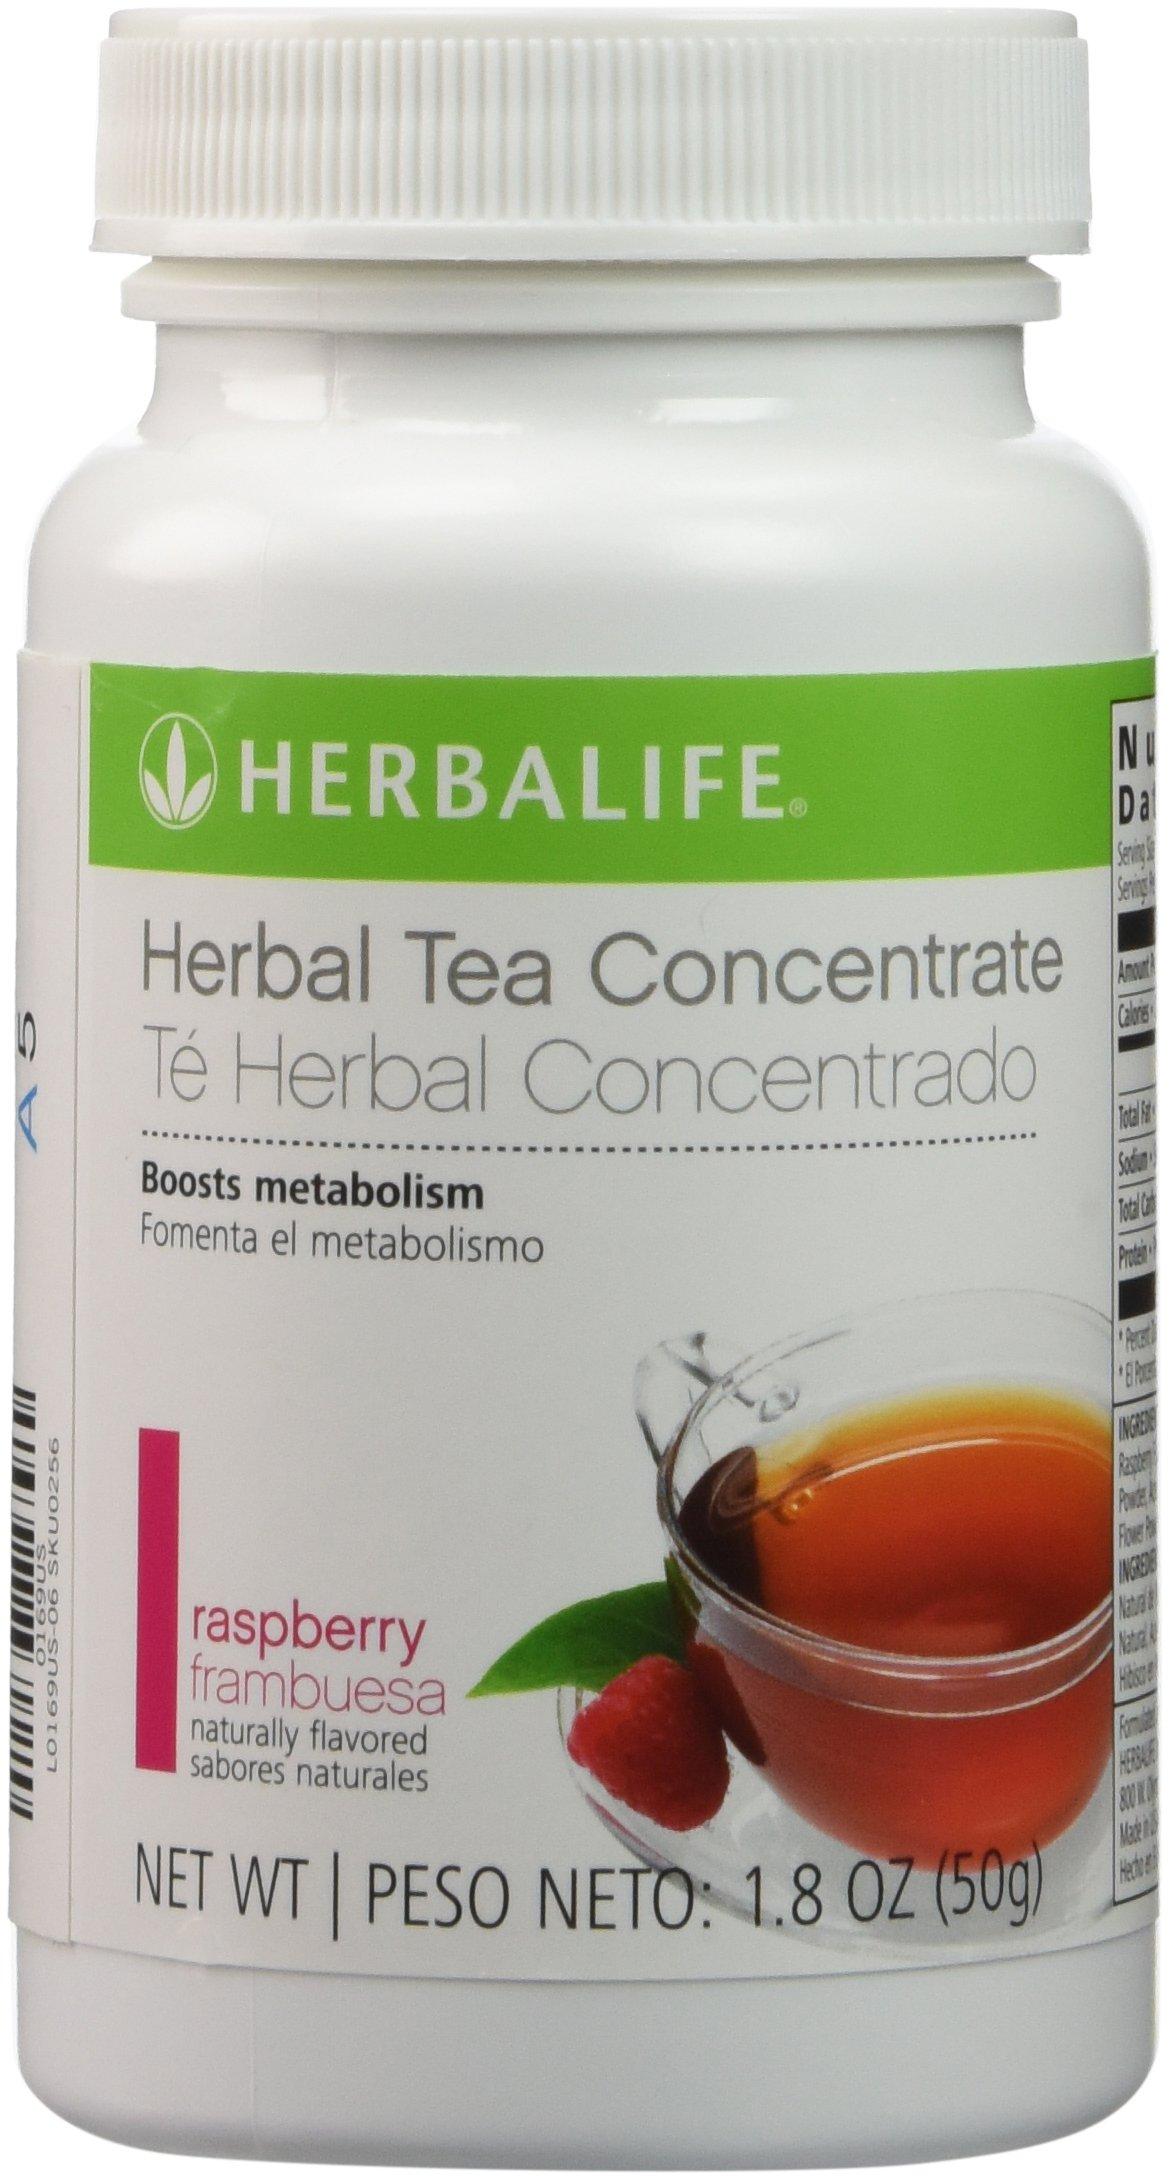 Herbalife Herbal Tea Concentrate - Raspberry, 1.8 oz.